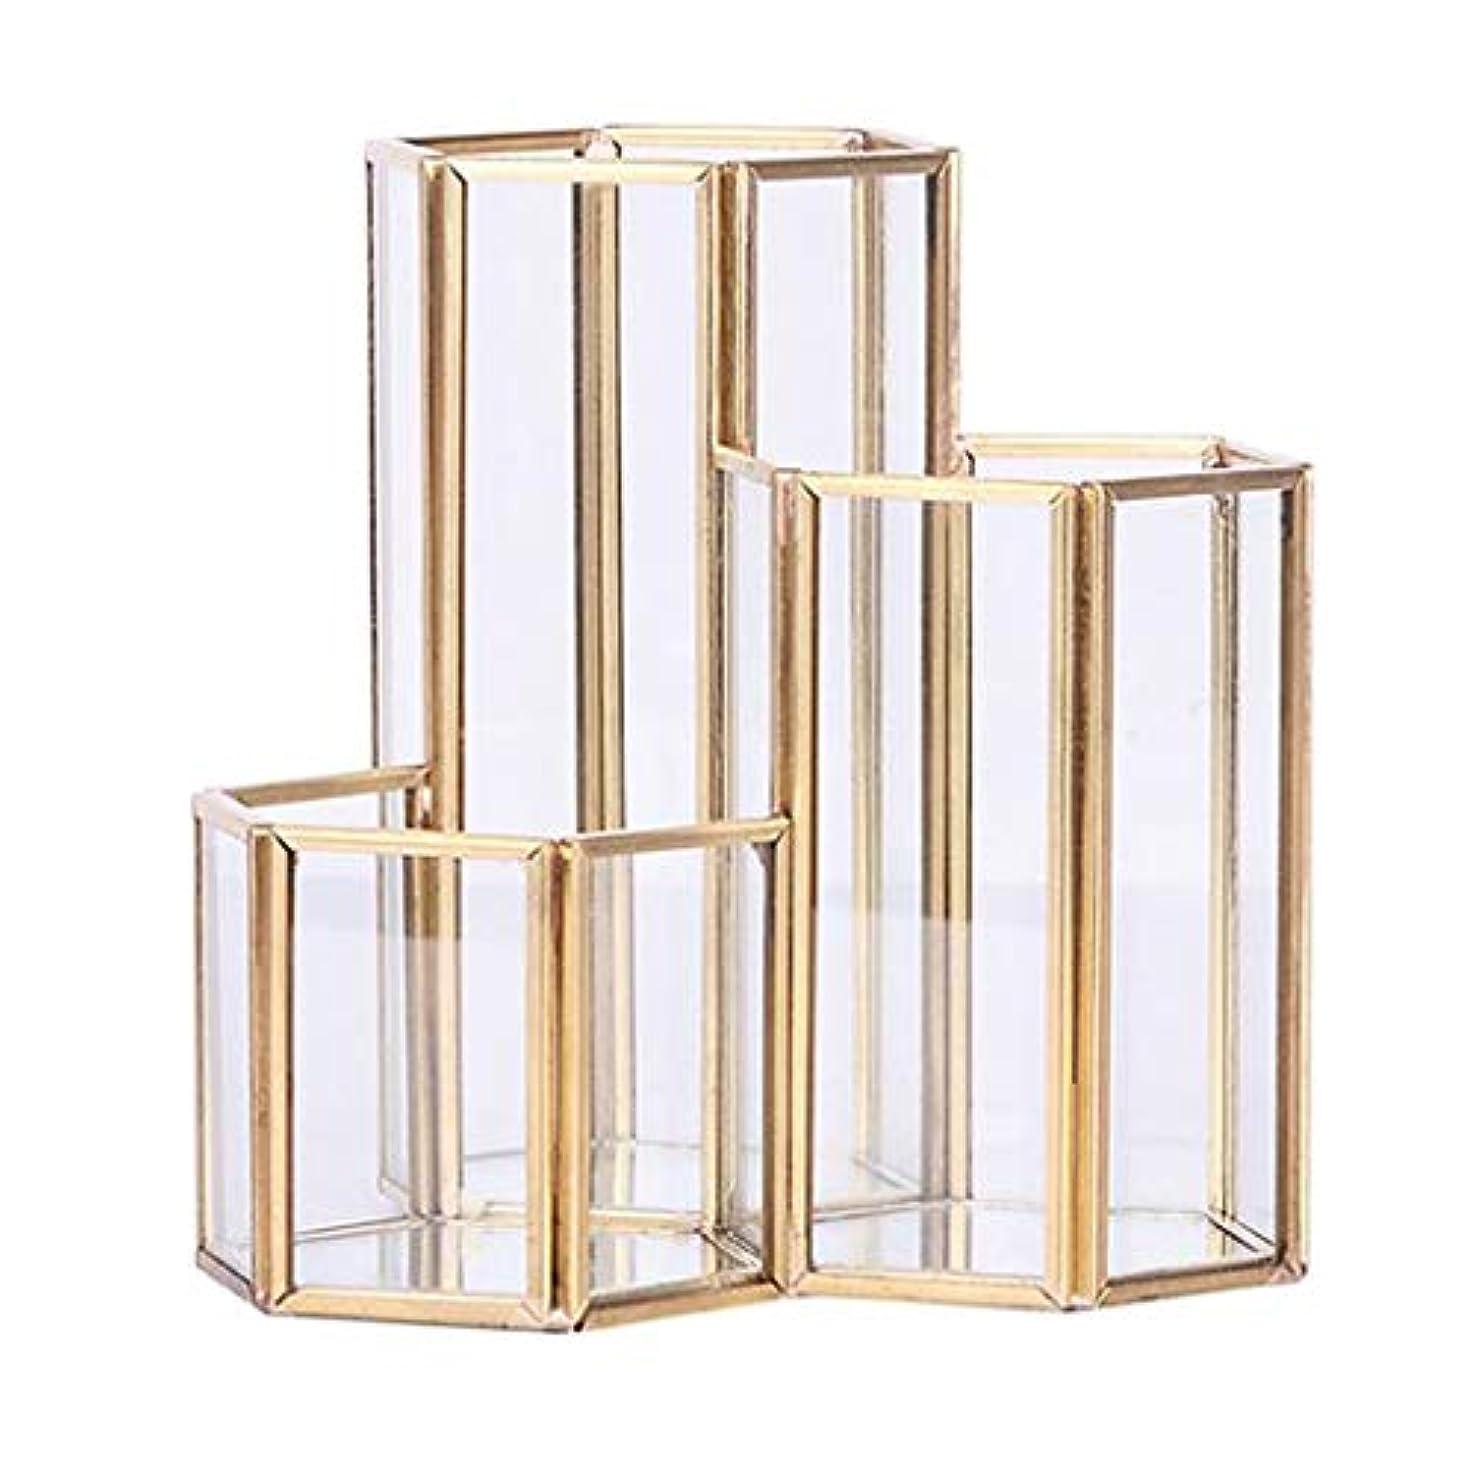 例示する拡散する直面する六角 収納オーガナイザー 化粧品オーガナイザー 収納用品 多機能